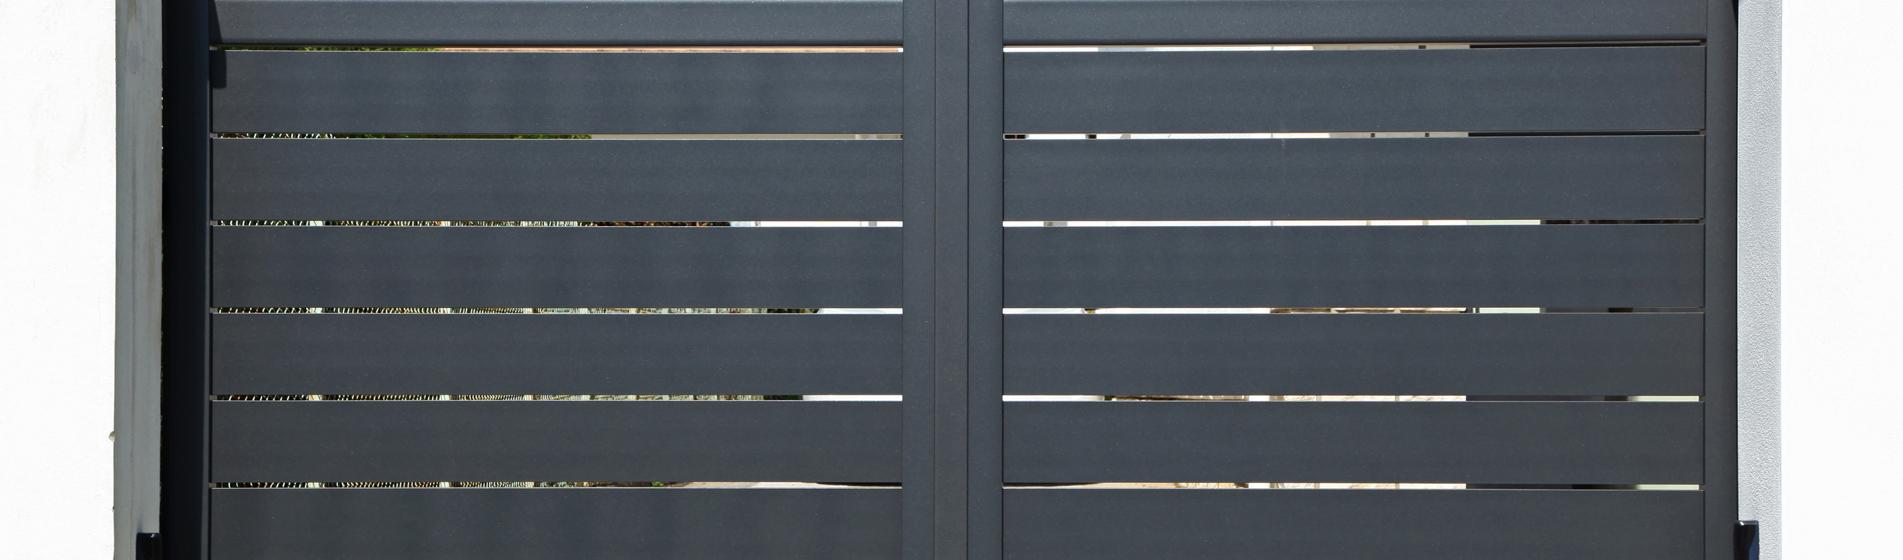 fabricant portail battant automatique 13 Bouches-du-Rhône